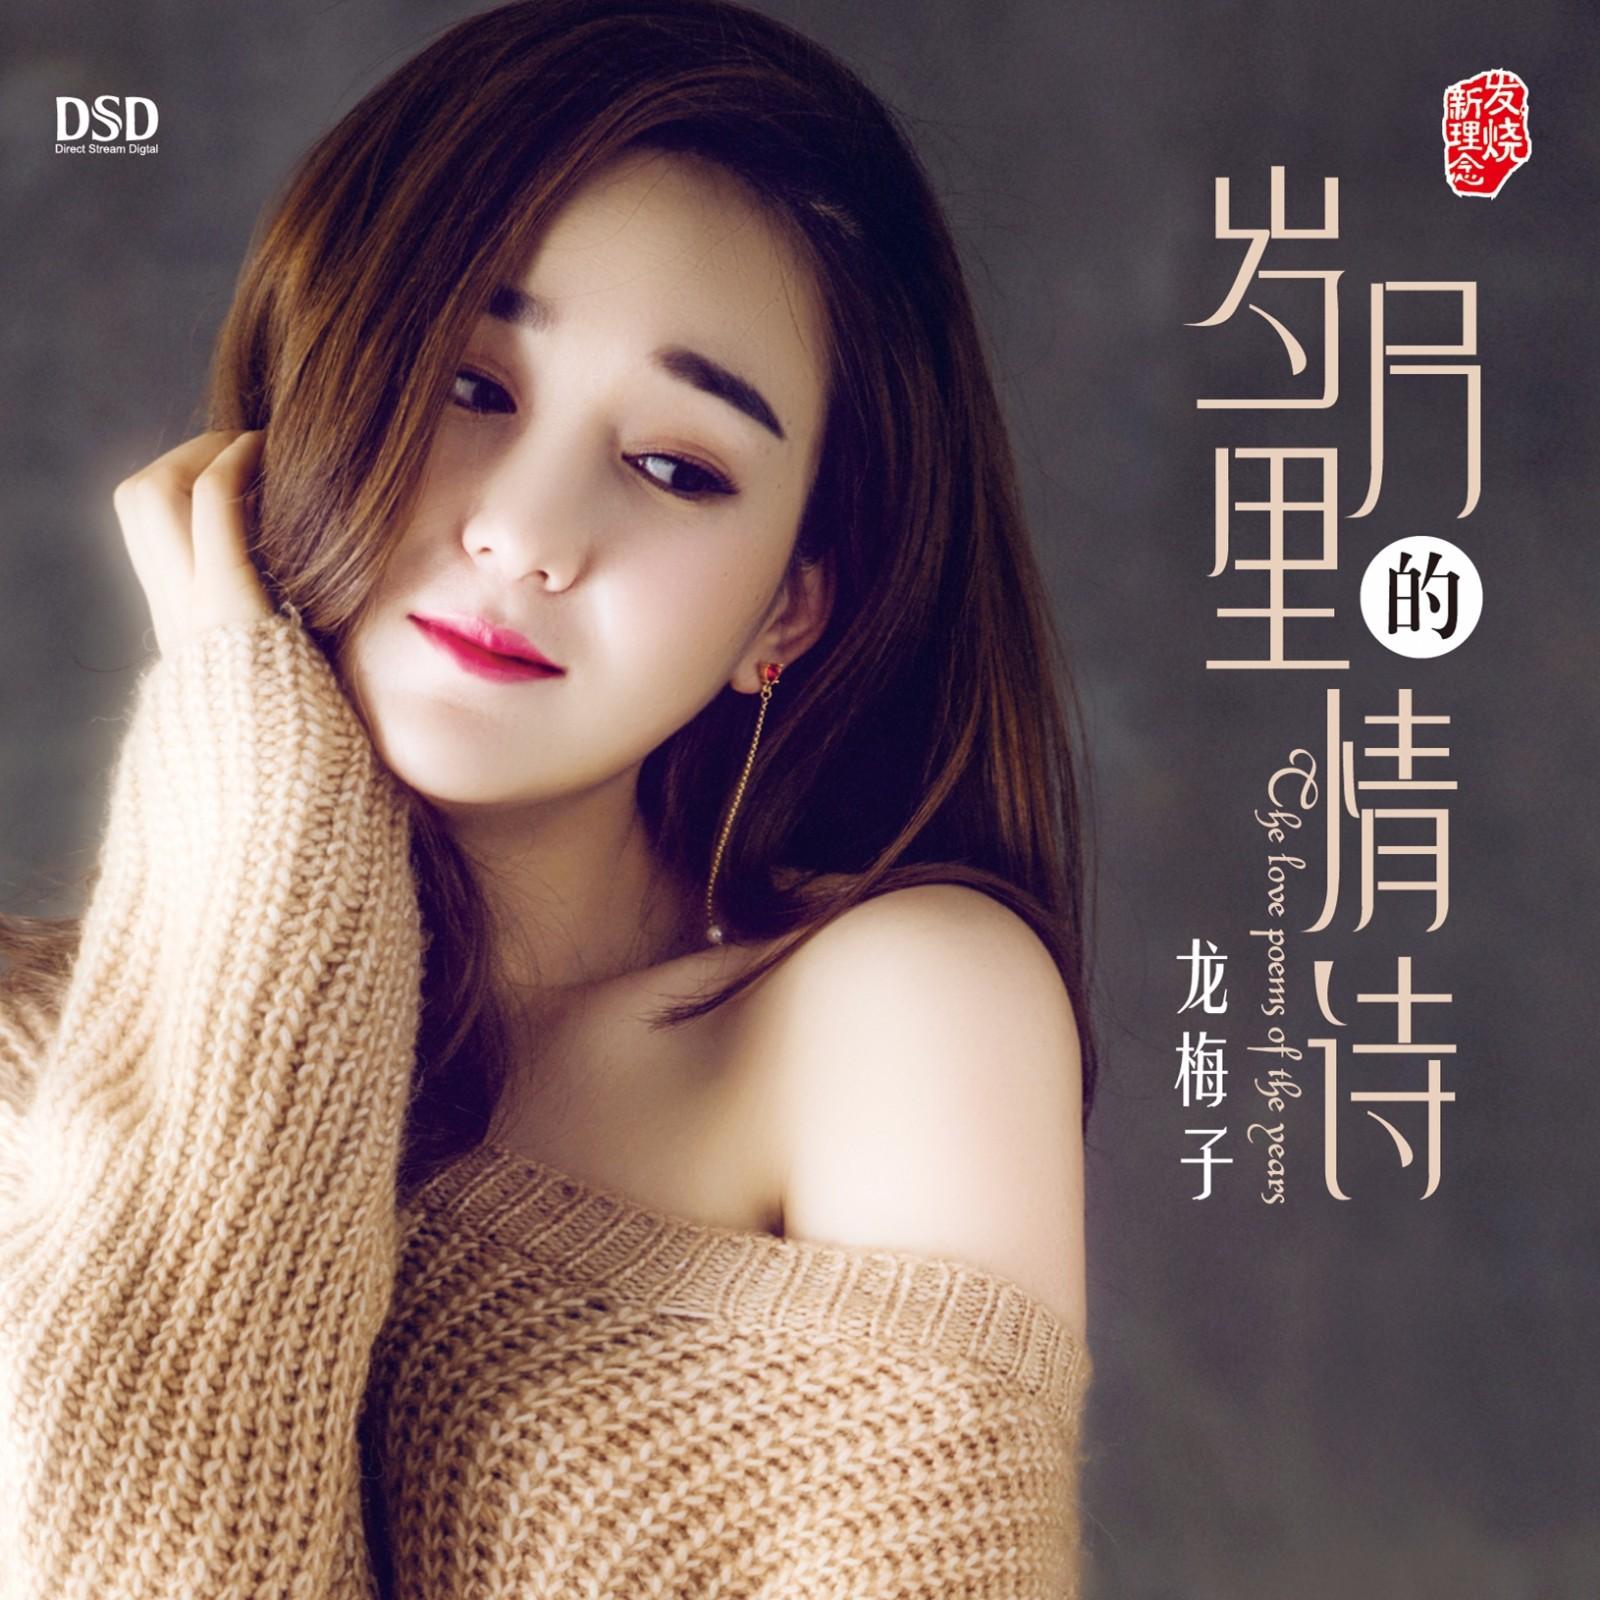 专辑《岁月里的情诗》发布 龙梅子展现历练后的成熟